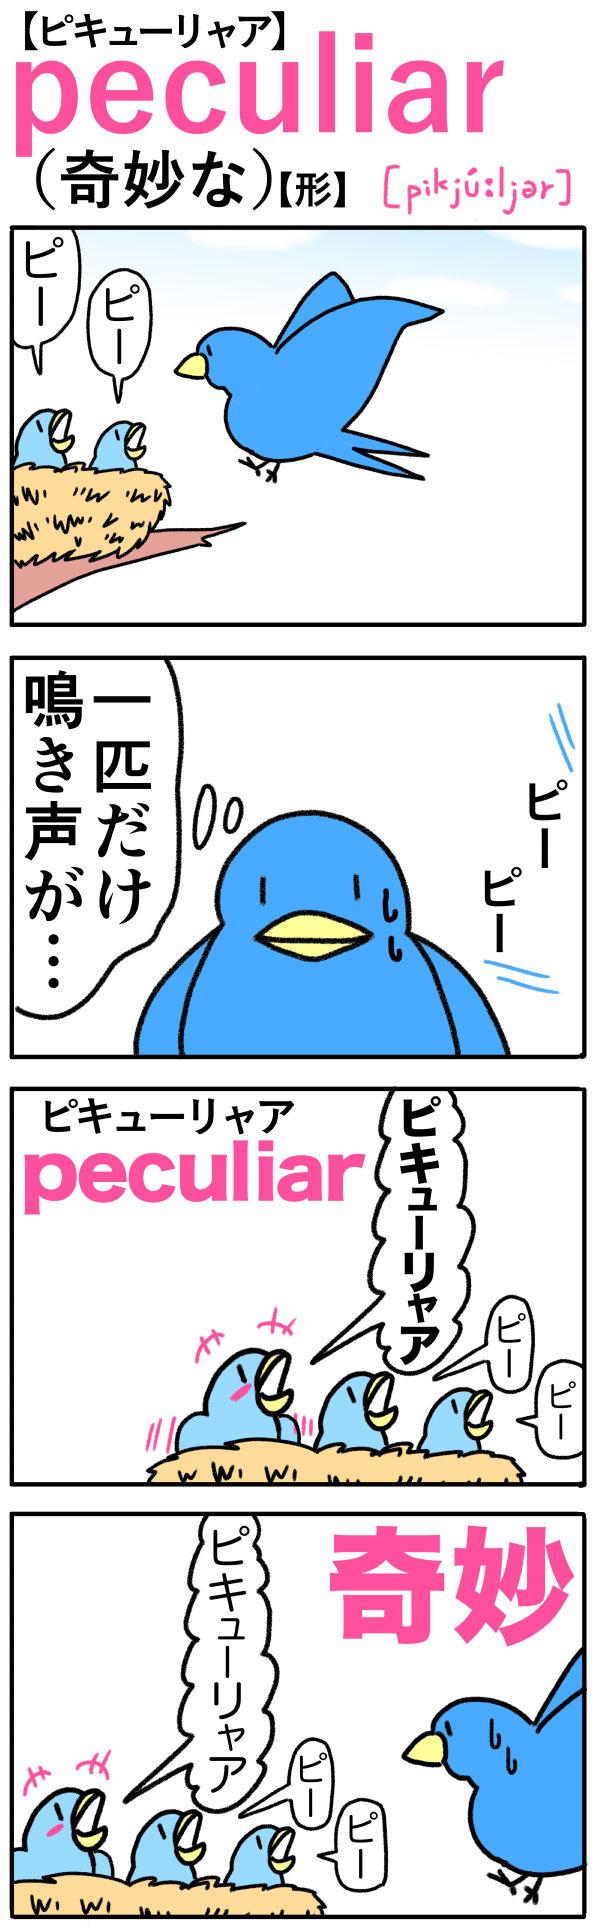 peculiar(奇妙な)の覚え方